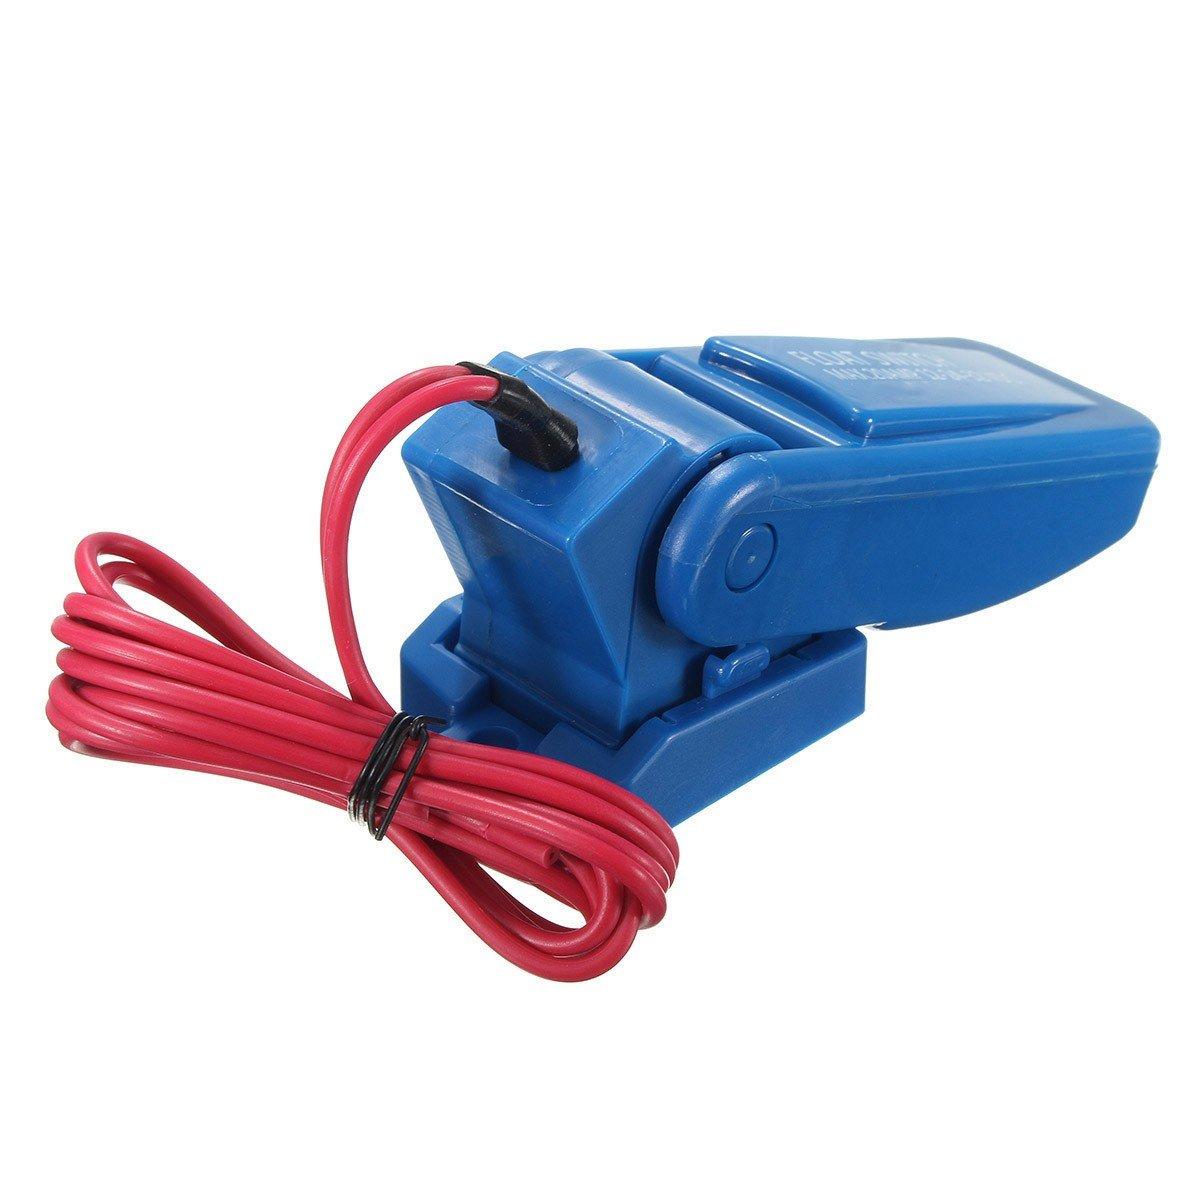 mk-cfs12 automático eléctrico bomba de agua interruptor de flotador DC bomba de achique interruptor Sensor de flujo: Amazon.es: Jardín